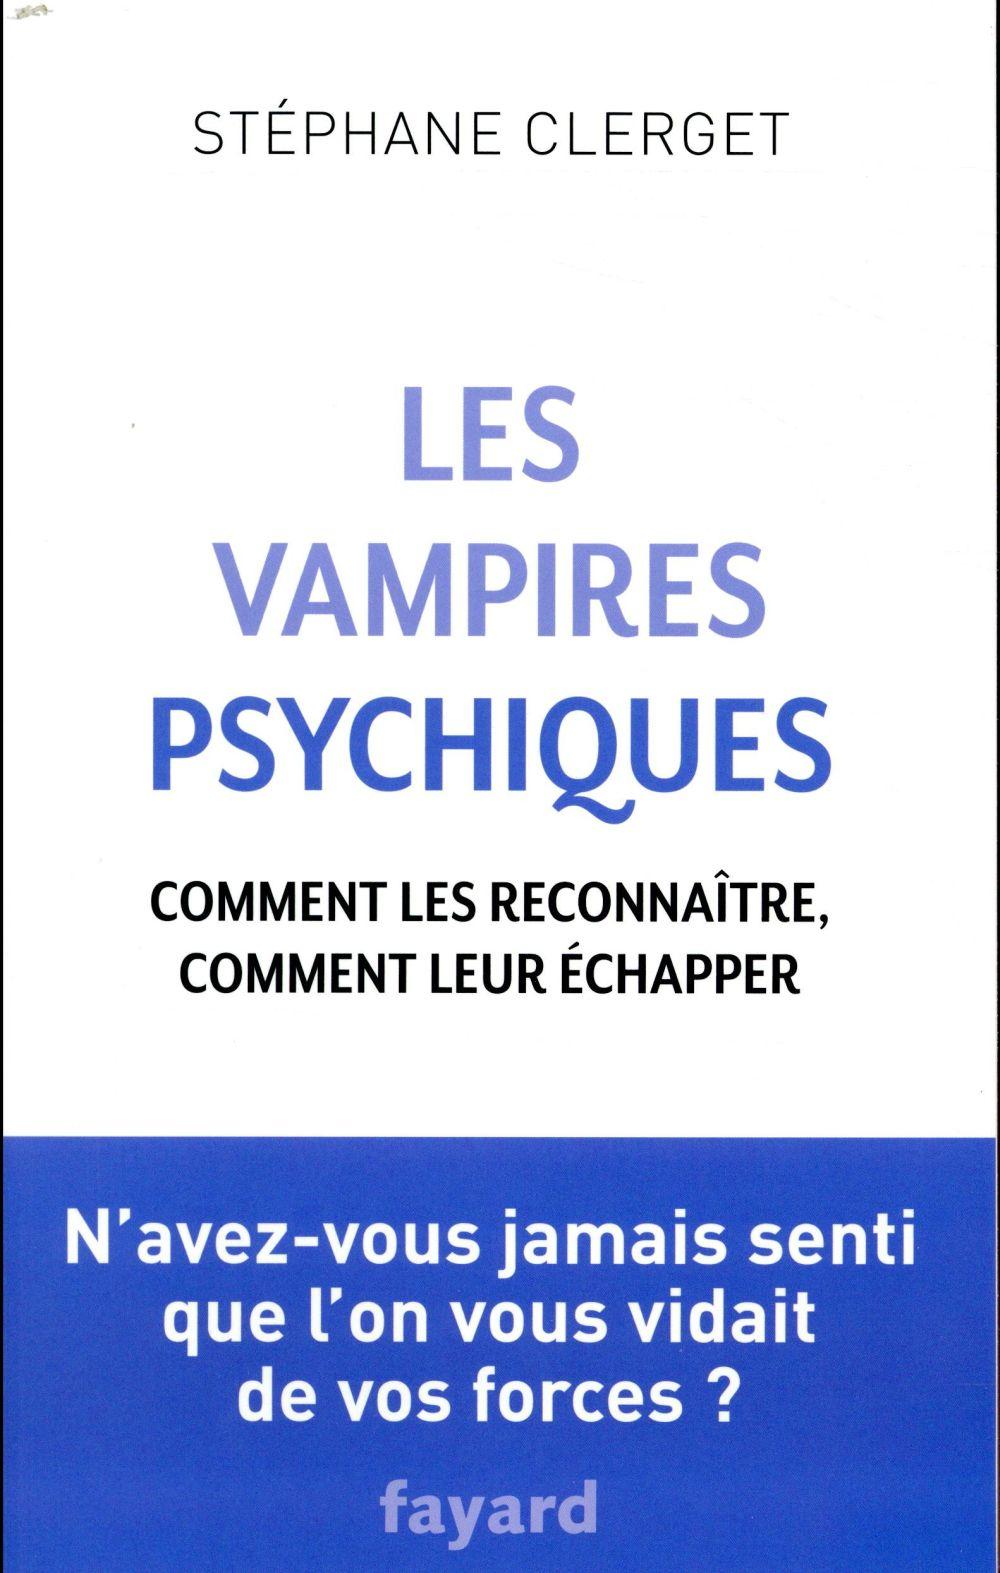 LES VAMPIRES PSYCHIQUES - COMMENT LES RECONNAITRE, COMMENT LEUR ECHAPPER